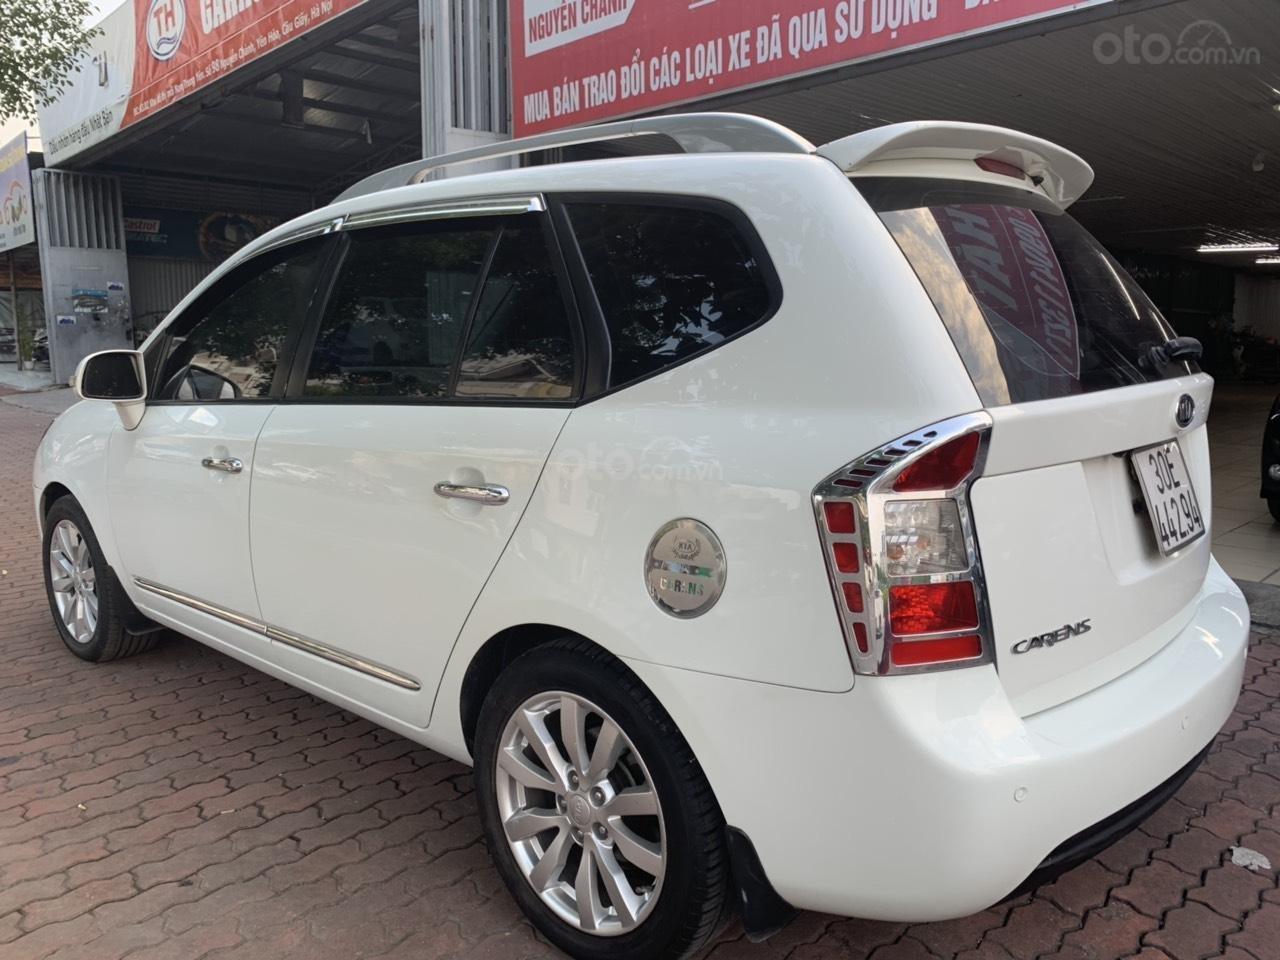 Bán xe Kia Carens 2.0AT năm 2011, màu trắng (8)